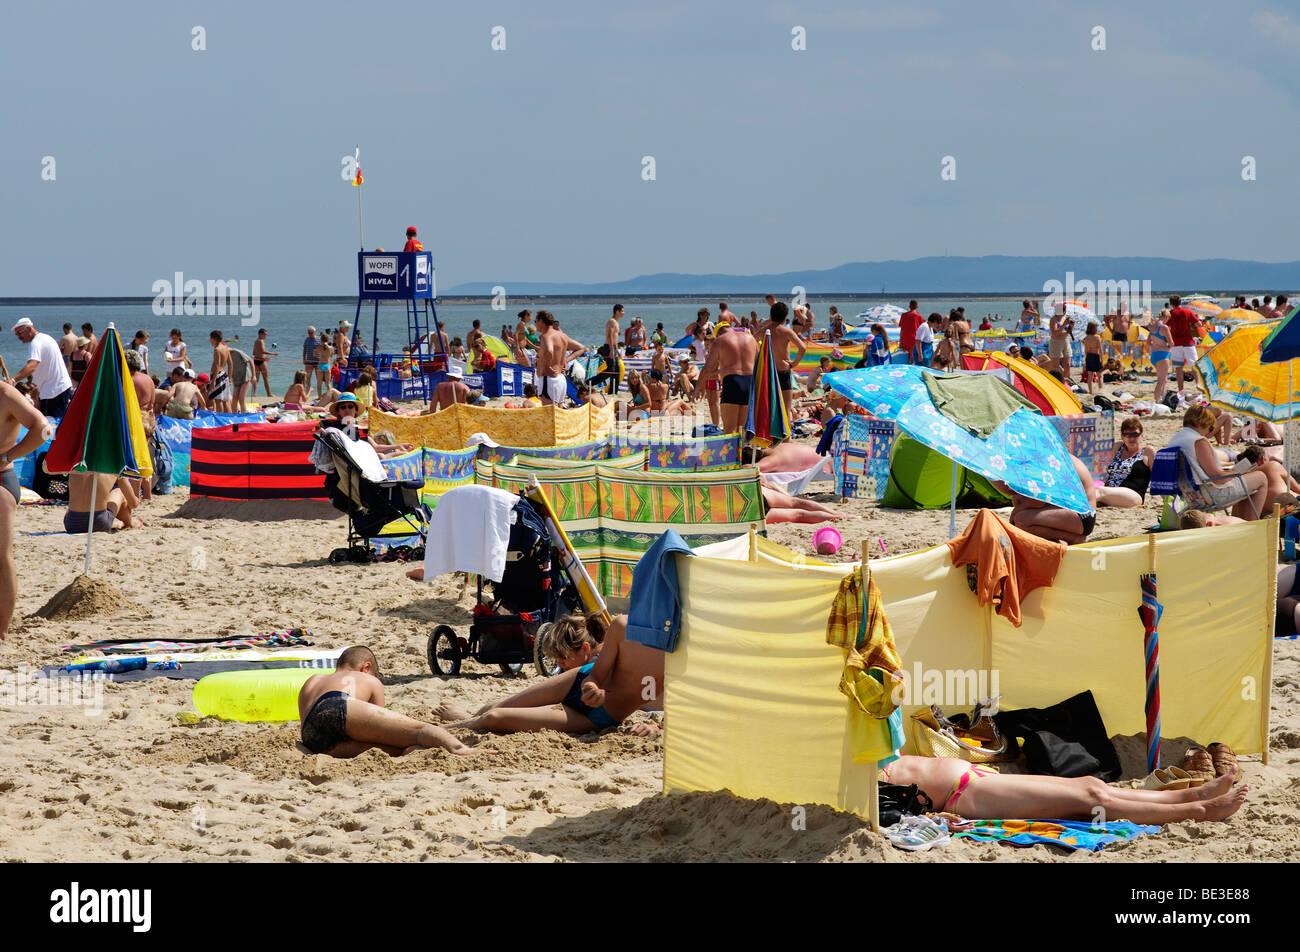 Menschen Am Strand Von Swinemunde Swinoujscie Insel Usedom